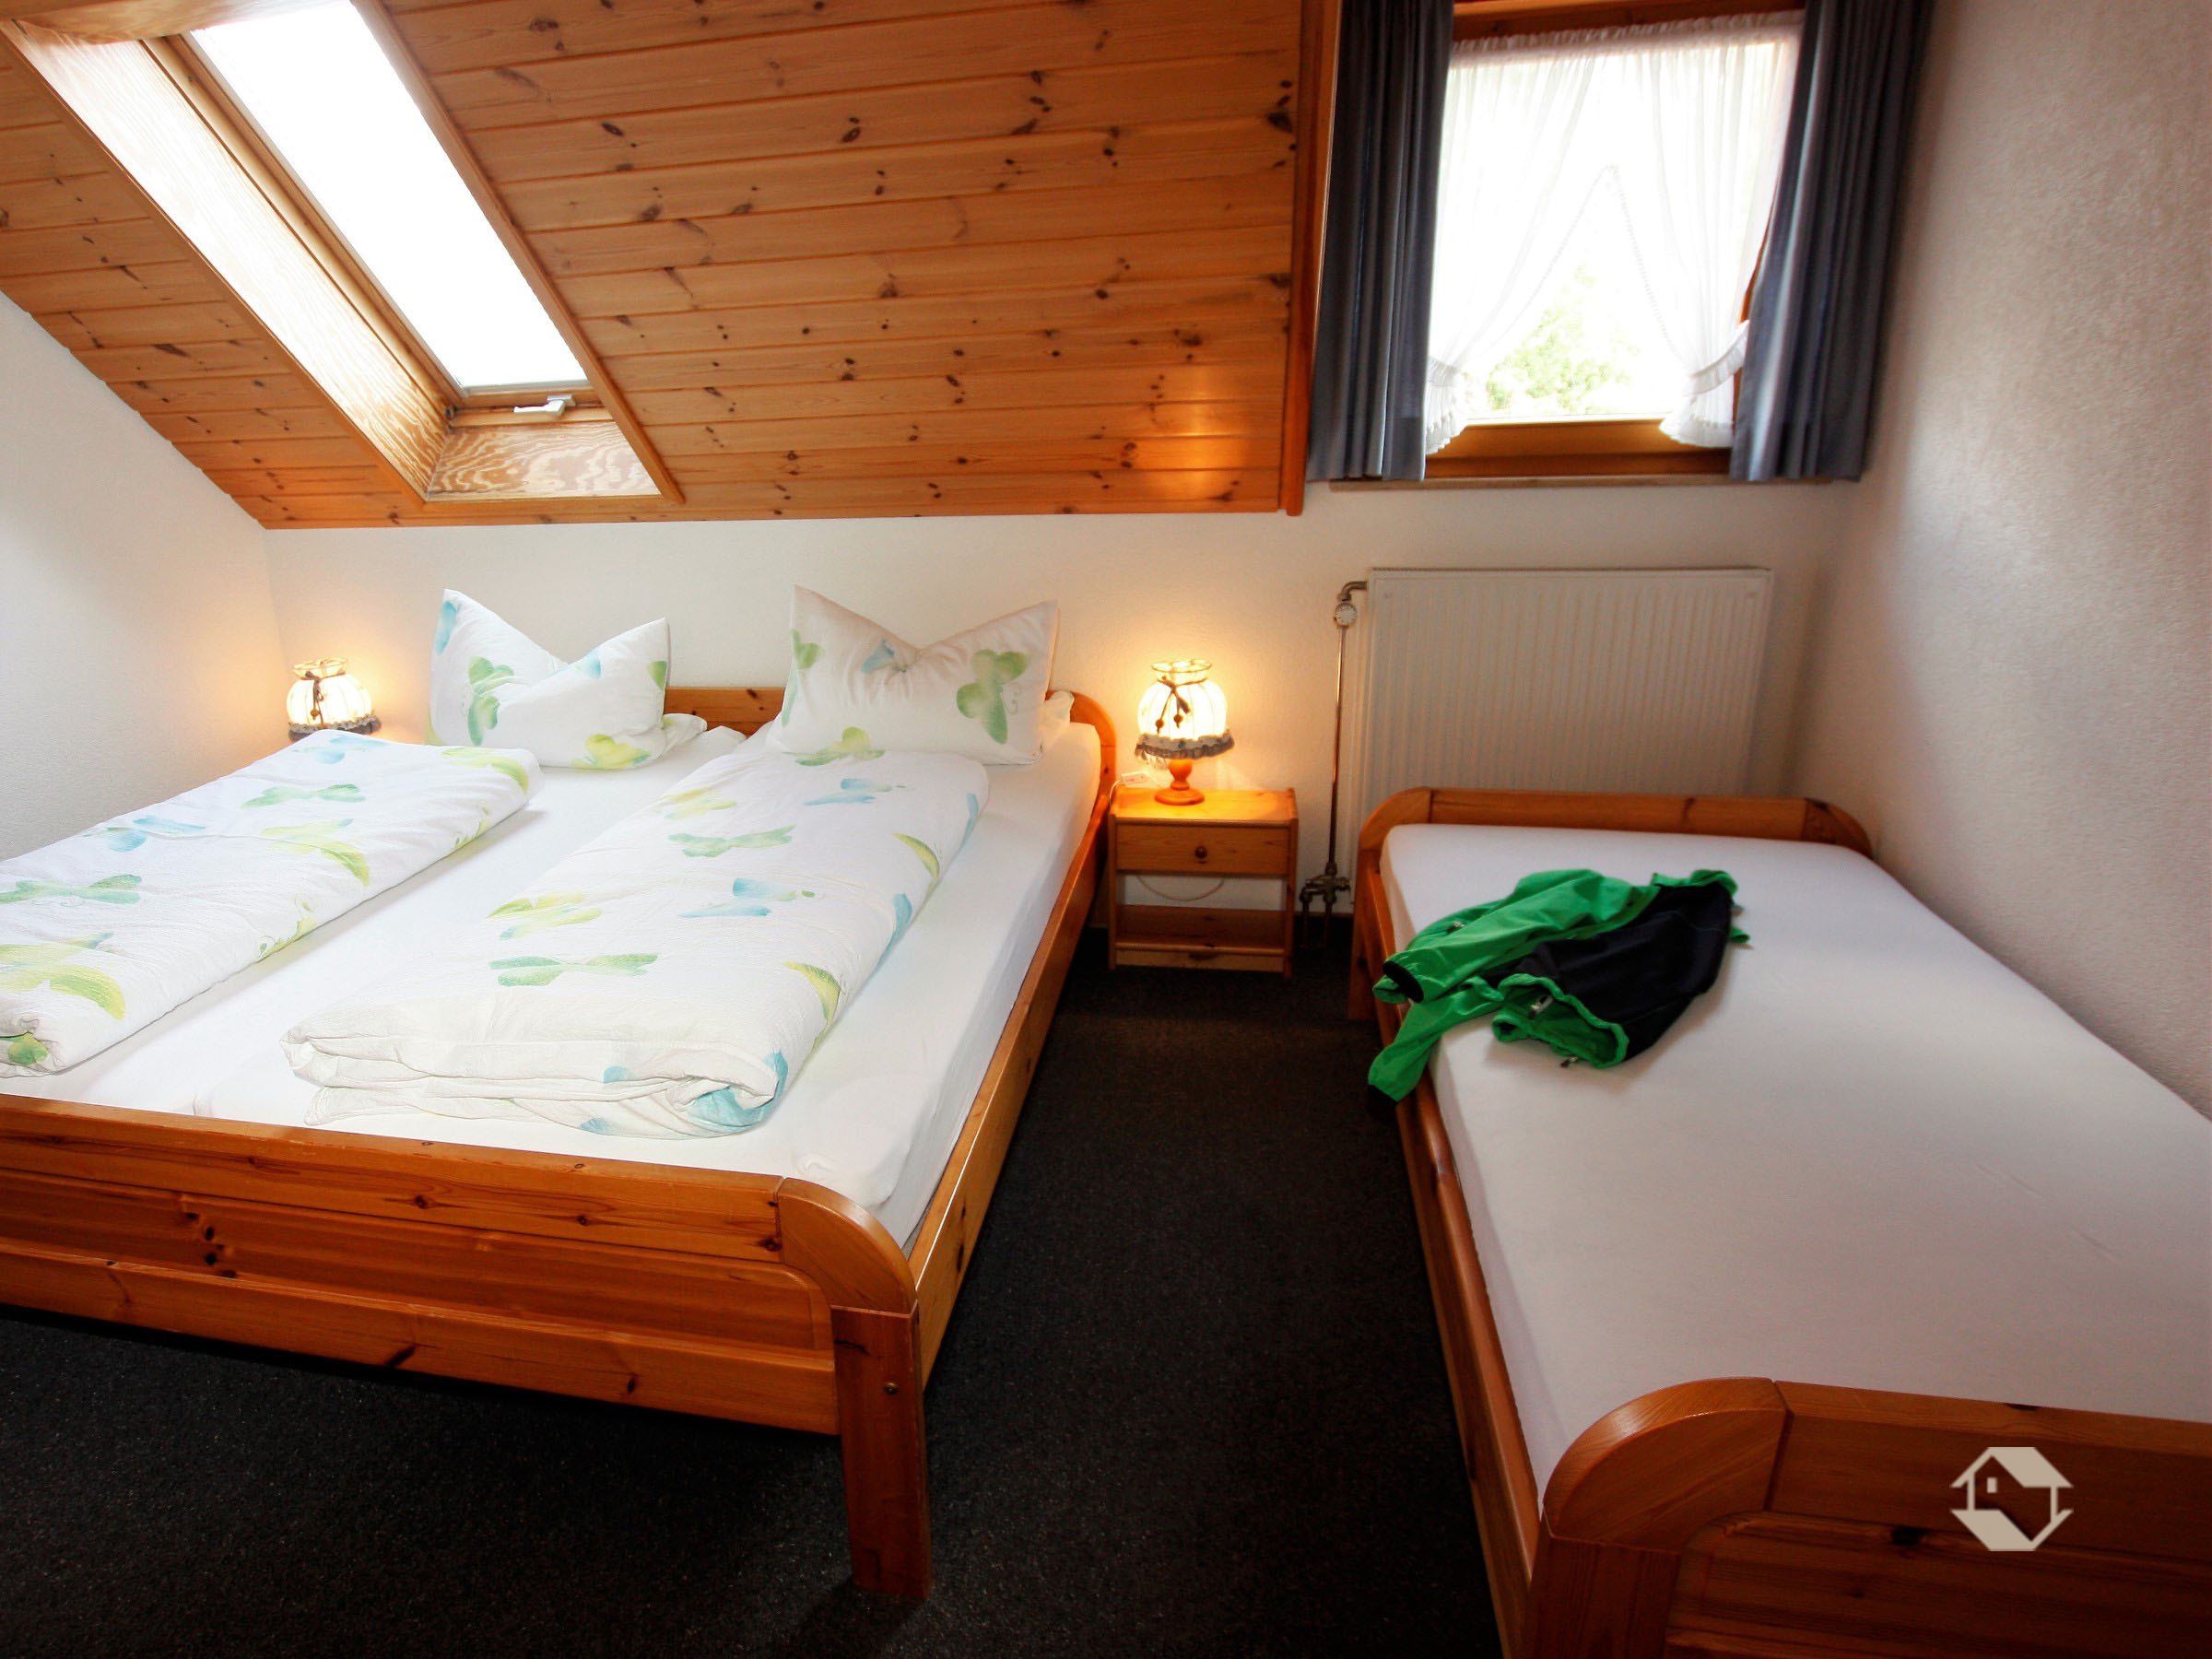 Ferienwohnung Haus Kandelblick, (Furtwangen). Ferienwohnung Feldbergblick, 70qm, 2 Schlafzimmer, 1 Wohn- (2717401), Furtwangen, Schwarzwald, Baden-Württemberg, Deutschland, Bild 23